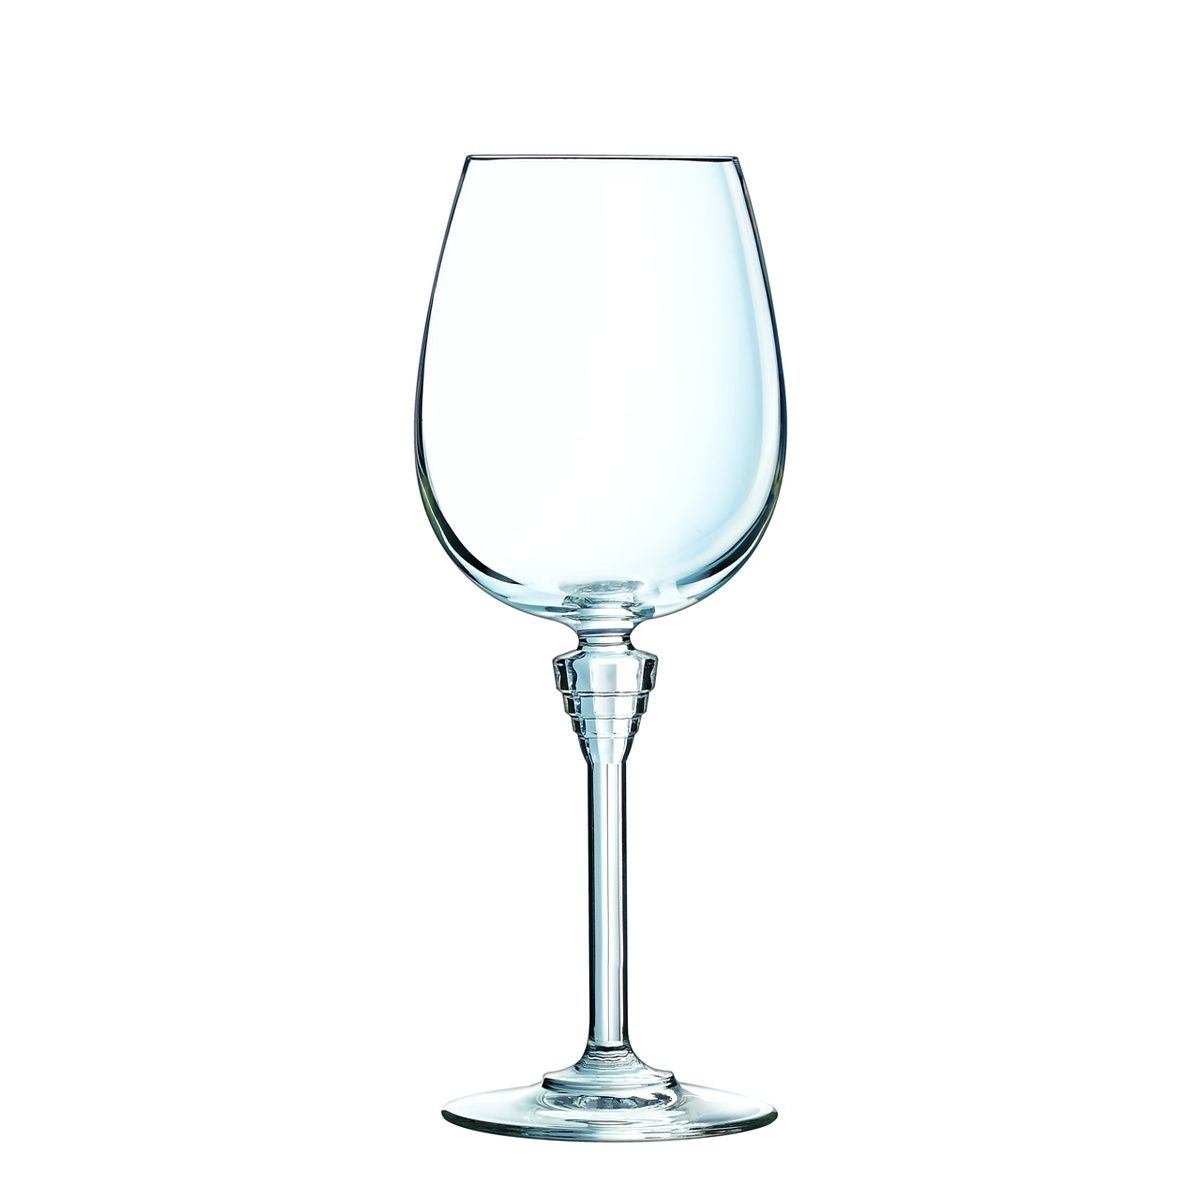 Набор бокалов для вина 450 мл. 6 шт.Набор из шести бокалов для вина AMARANTE от Cristal DArques станет главным украшением стола, будь это пышное торжество, скромный семейный праздник или романтический ужин. Бокалы объемом 450 мл типа «Бургундия» с формой чаши «баллон» выполнены из прочного материала – хрустального стекла, которое отличается своей прочностью – оно более устойчиво к ударам и царапиной. Инновационный материал экологичен в отличие от обычного хрусталя, в котором содержится высокое количество токсичного свинца. Хрустальное стекло благодаря уникальному составу исключительно прозрачно, и свой первоначальный блеск и кристальную чистоту, не желтея и не тускнея, сохраняет даже после пятисот циклов мойки в посудомоечной машине. Праздничный звон бокалов будет переливаться чистым и глубоким звуком, став лучшей музыкой вашего торжества. Бокалы для вина капсульной серии AMARANTE французского бренда Cristal DArques – это парижский шик и утонченность на вашем столе.<br>